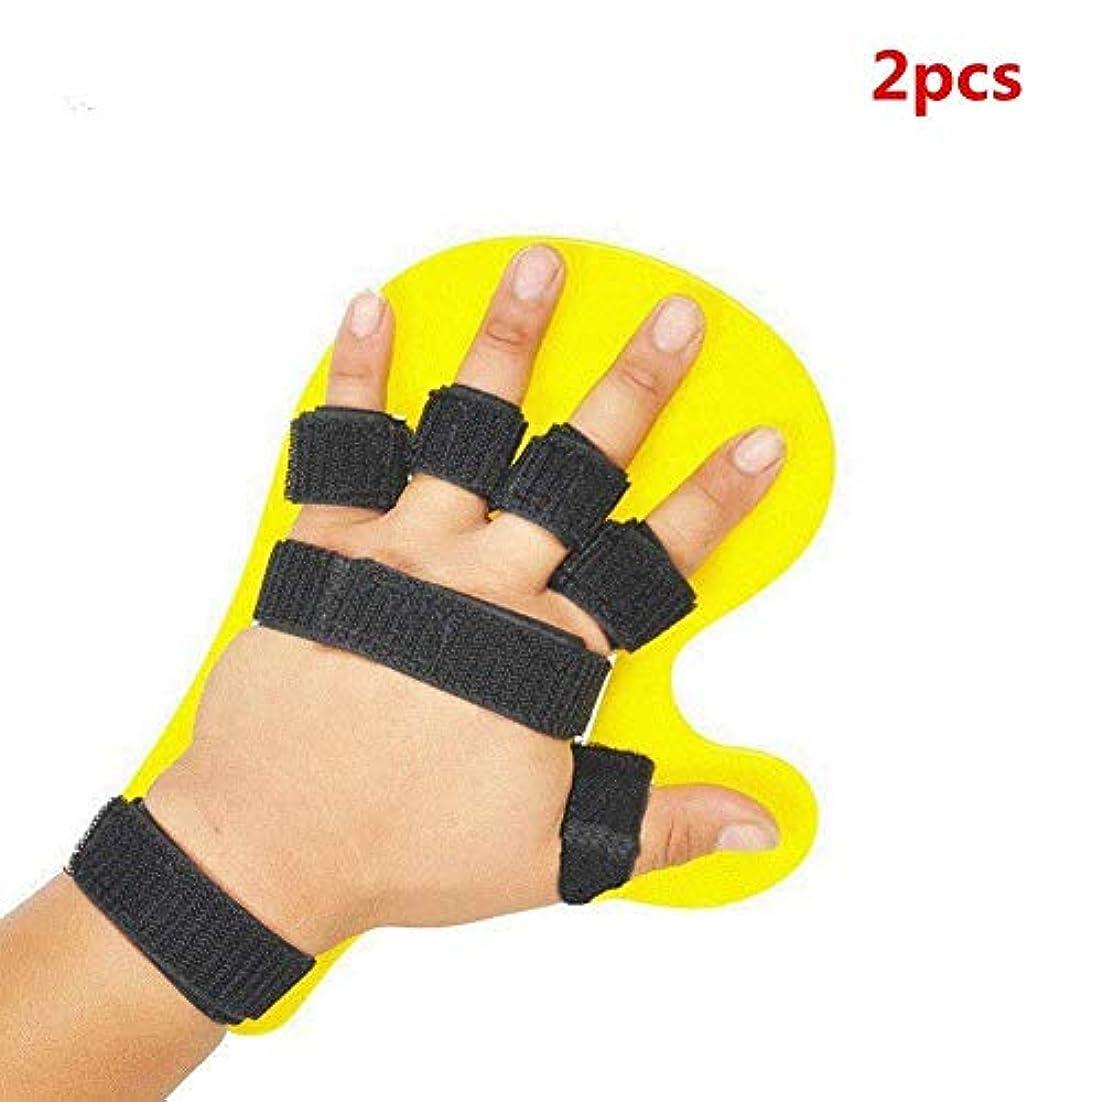 保全腐食するパイプライン指のトレーニングデバイス、ABS調整可能な大人の指装具の指/脳卒中/片麻痺/外傷性脳損傷理学療法2ポイント(左右ユニバーサル)